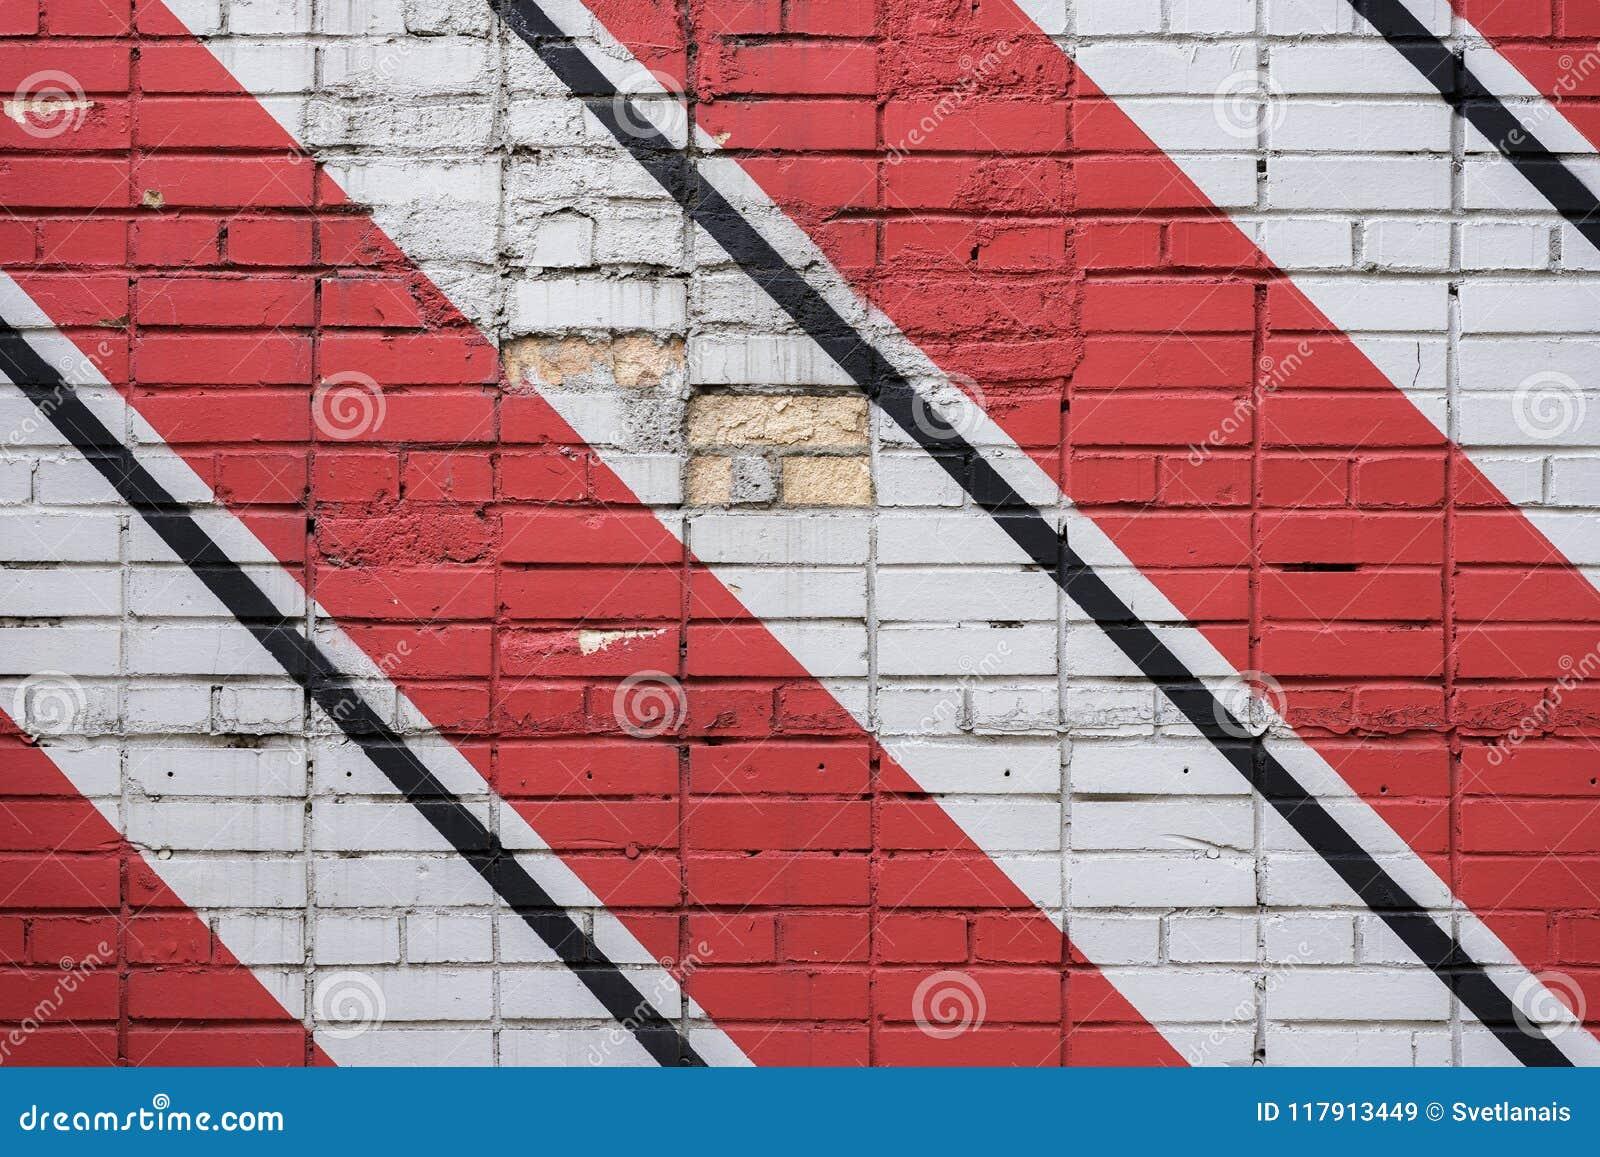 Superficie diagonalmente dipinta dei mattoni della parete nei colori rossi e in bianco e nero, come graffiti Struttura grafica di